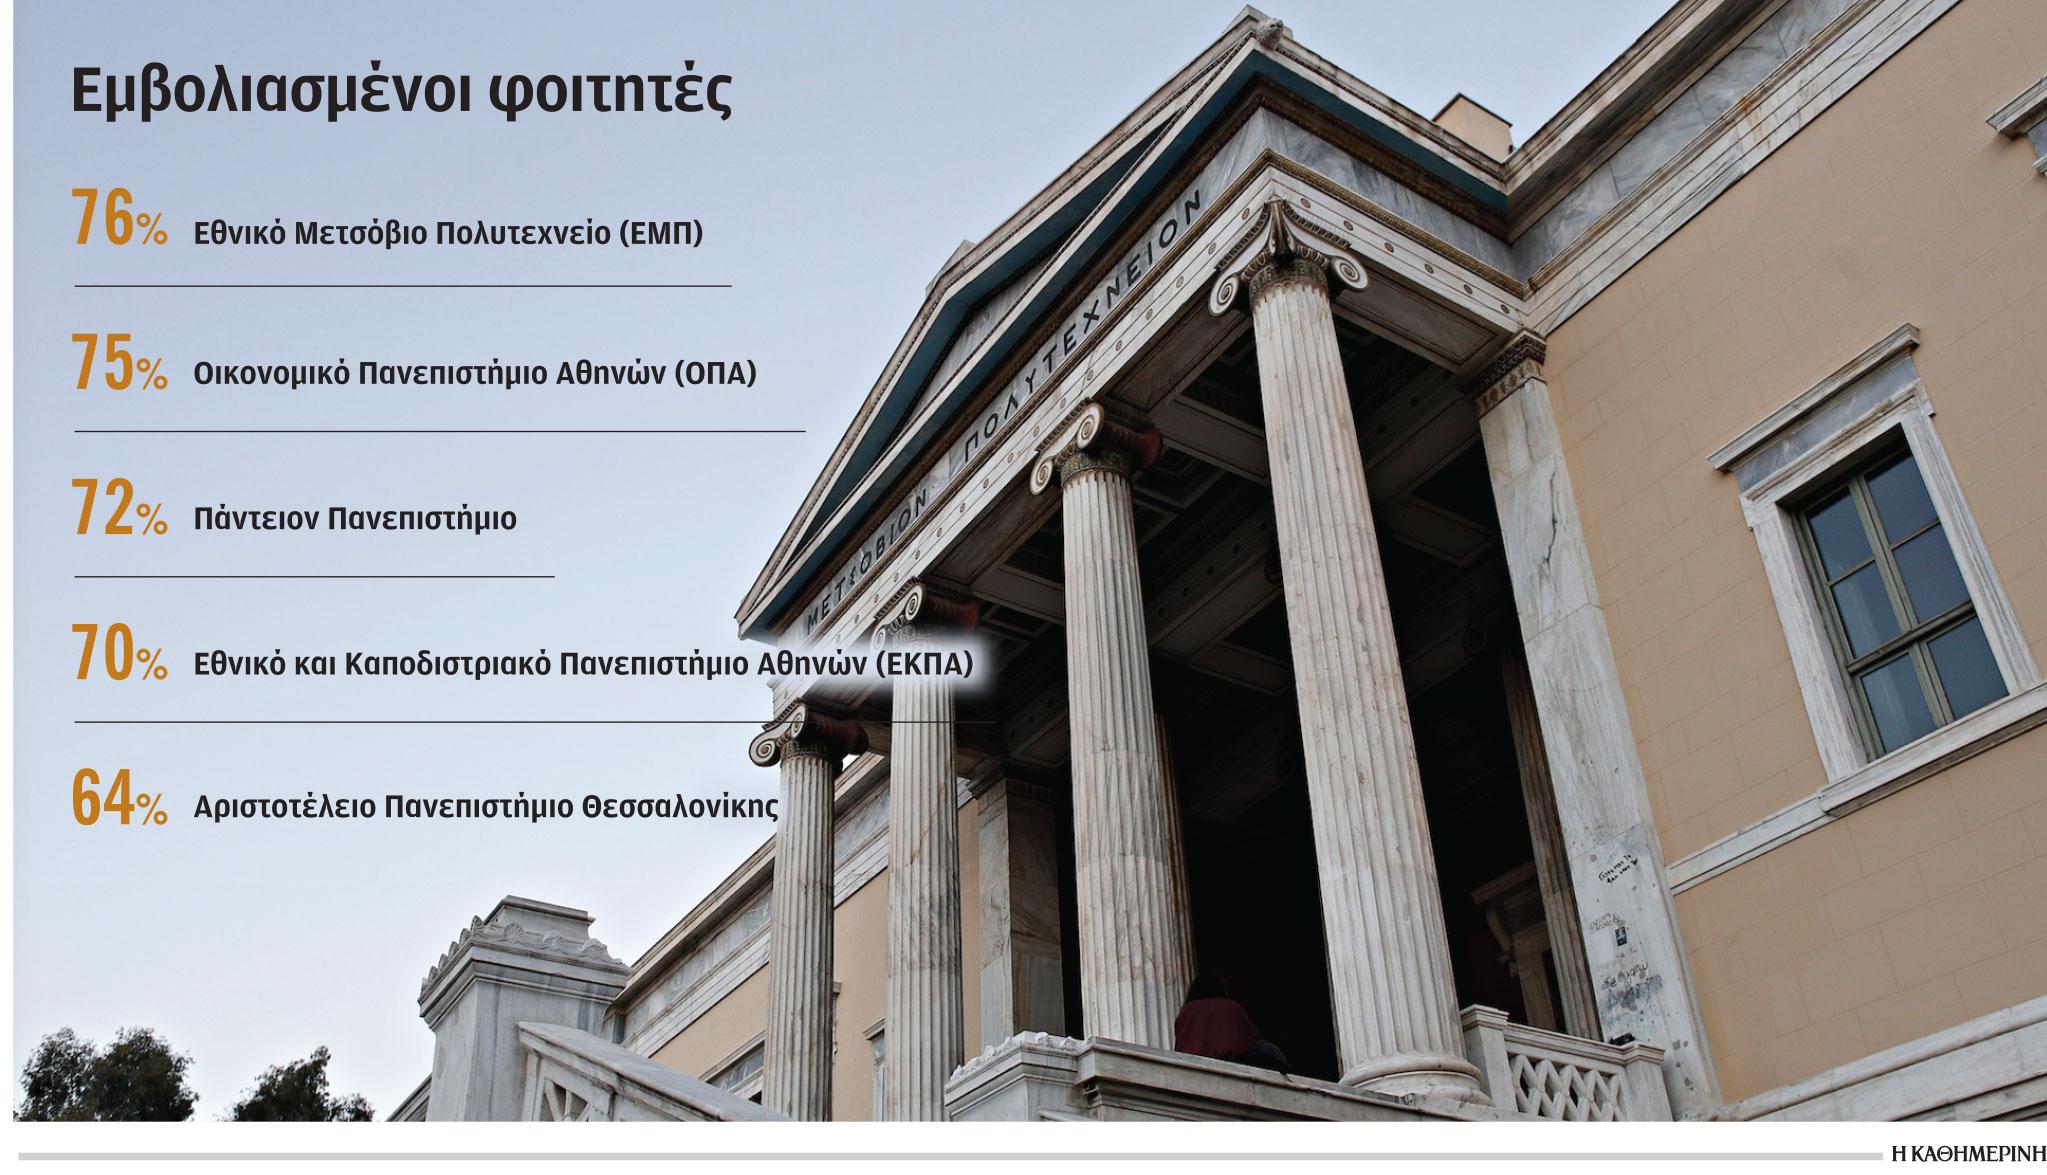 emvoliasmoi-me-ypsila-pososta-anoigoyn-ta-panepistimia-amp-8211-ta-stoicheia-toy-ypoyrgeioy-paideias0